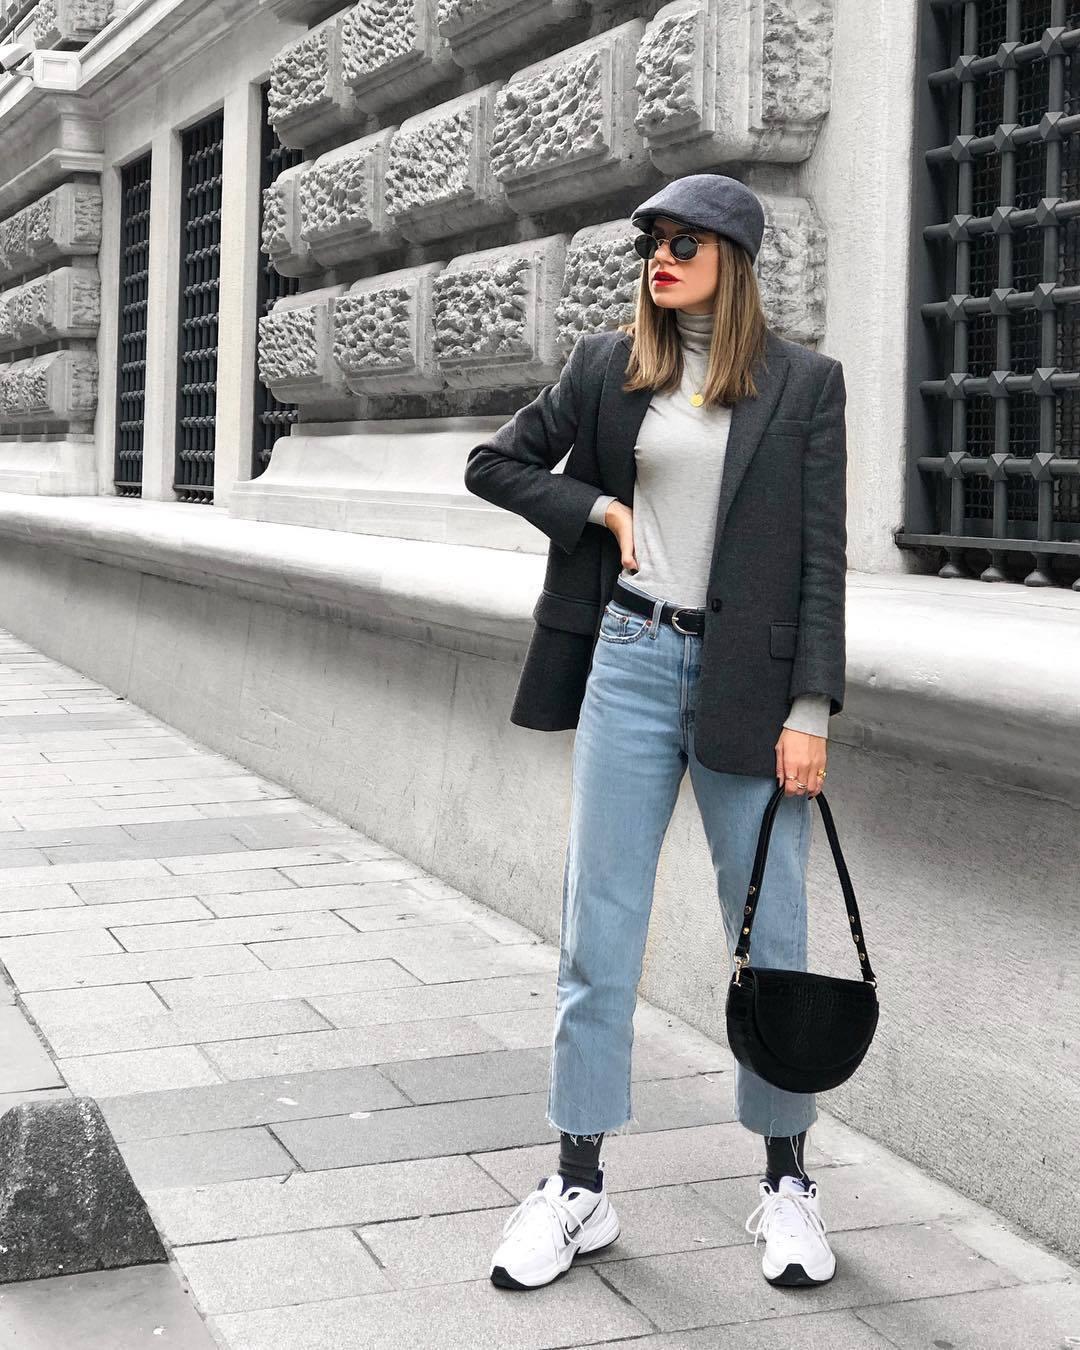 jeans, black belt, hat - Wheretoget